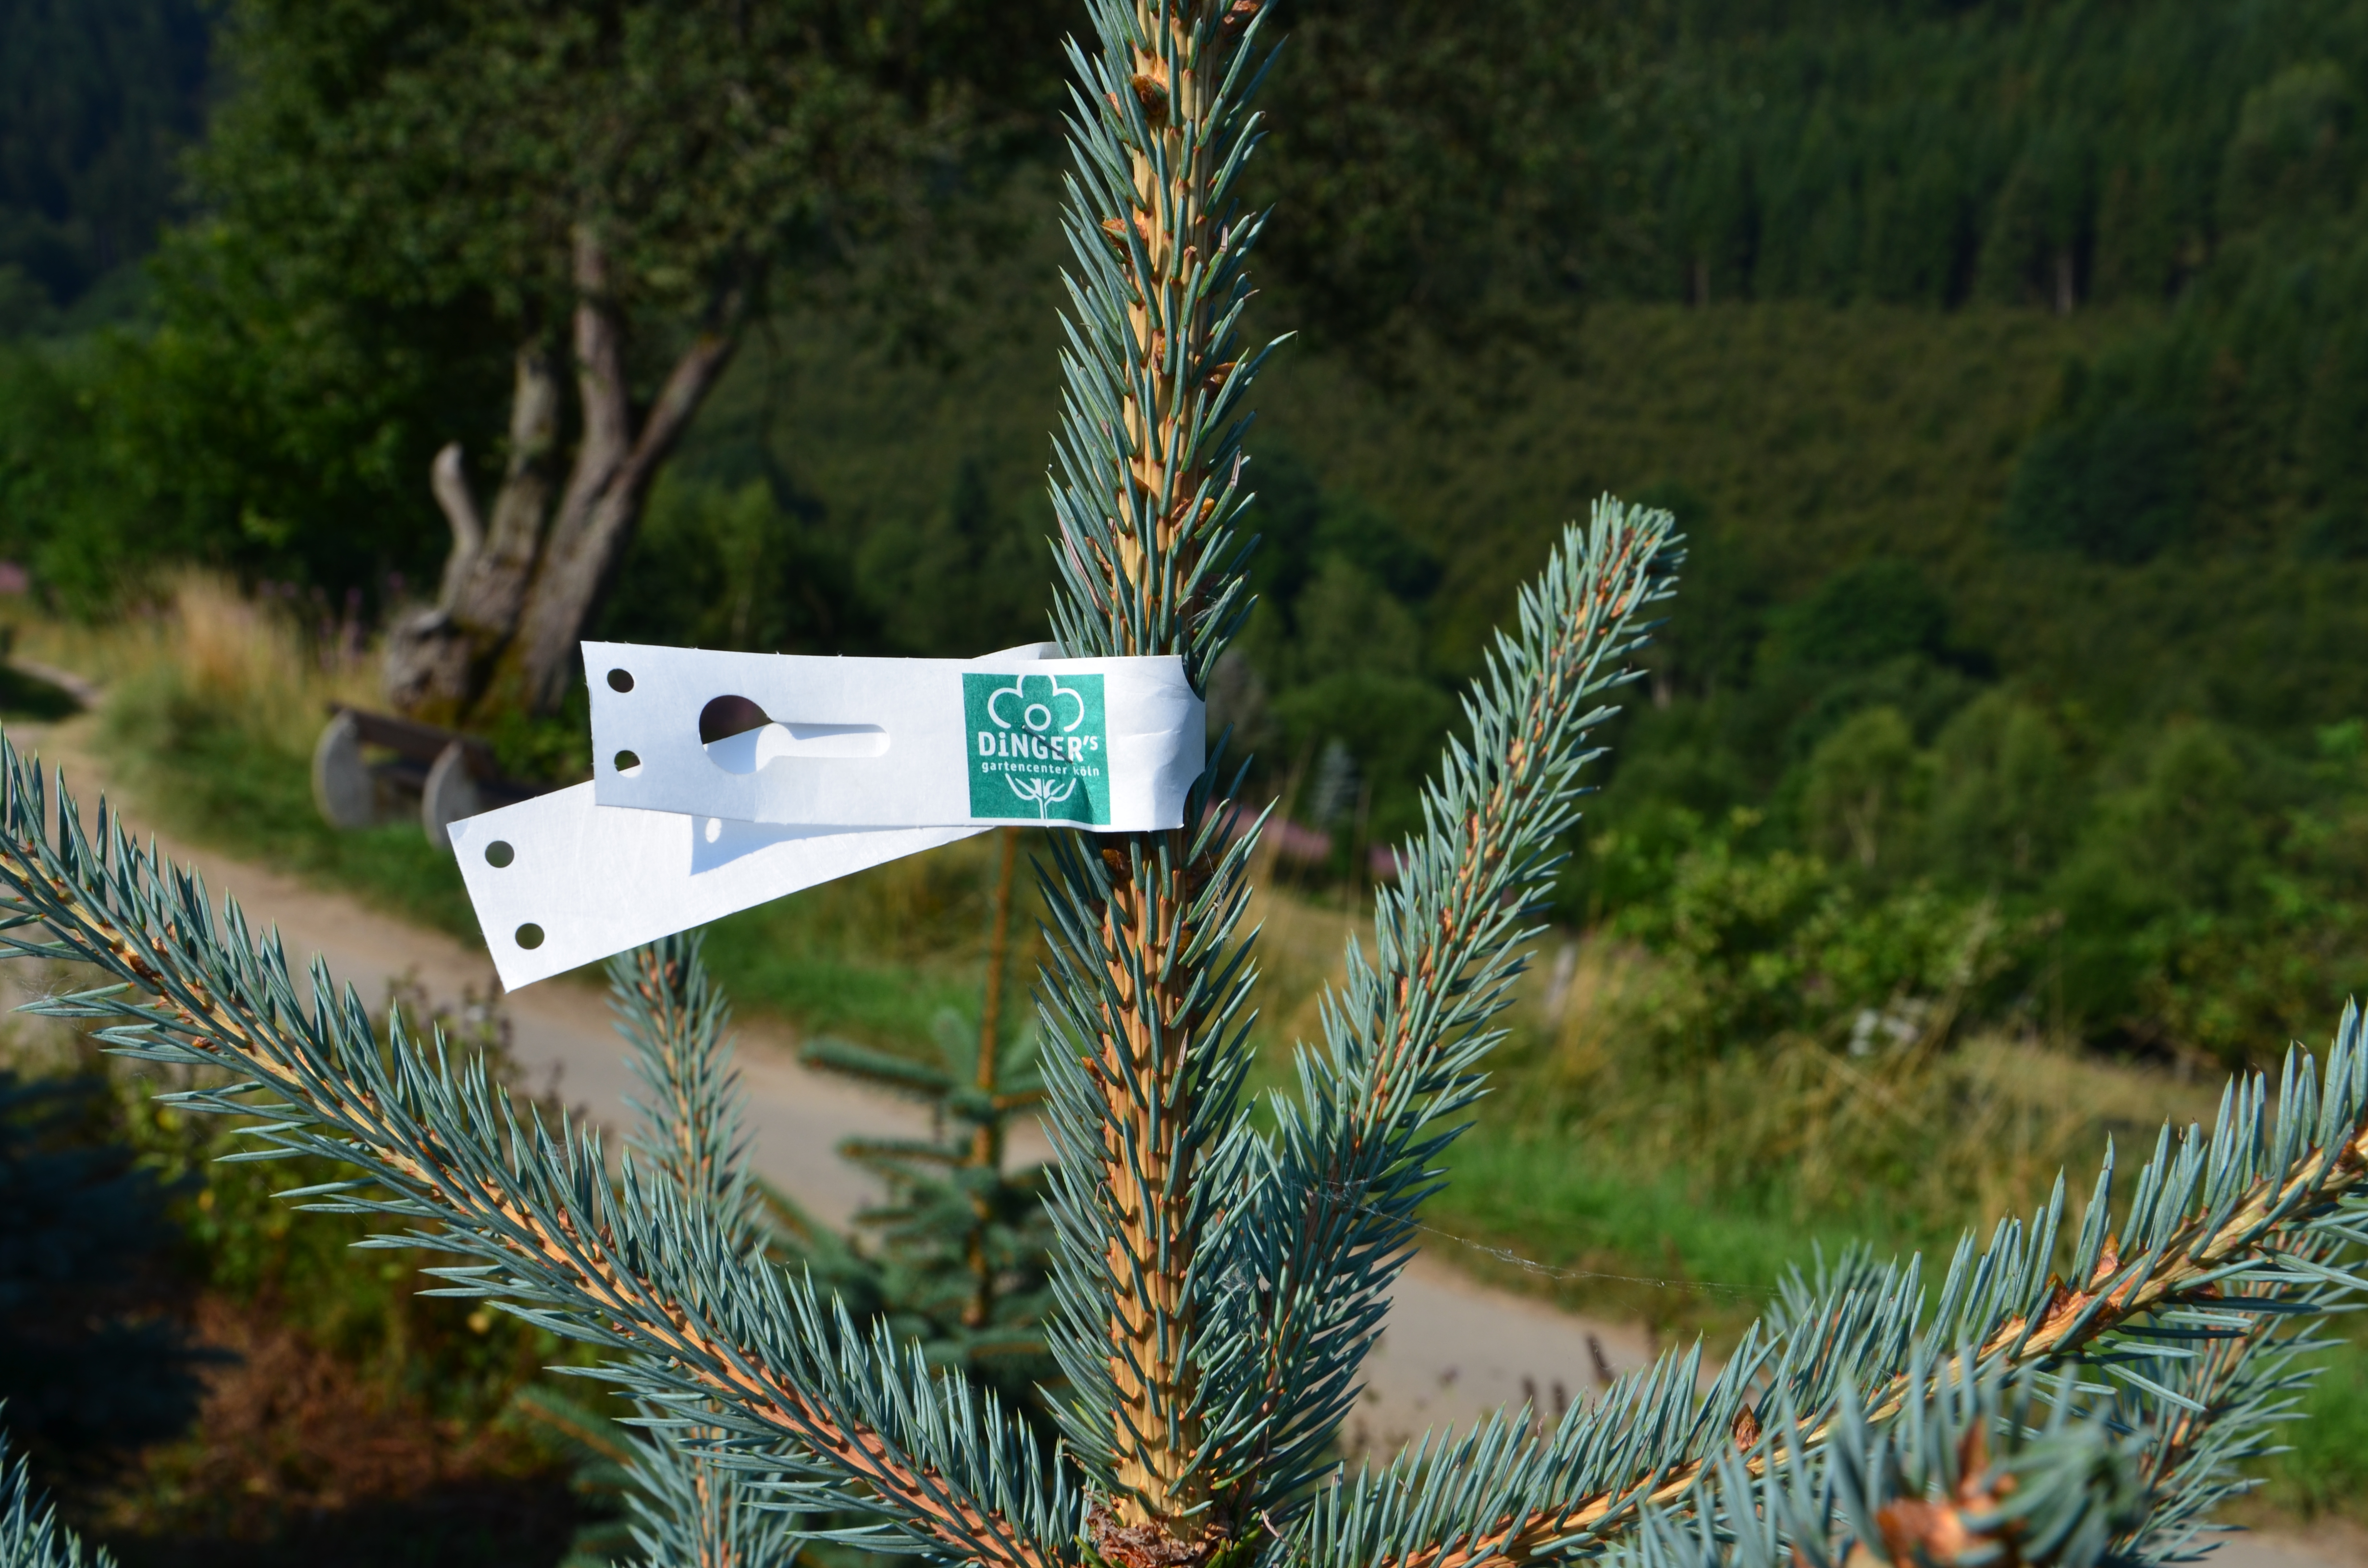 markierte Spitze eines Weihnachtsbaumes